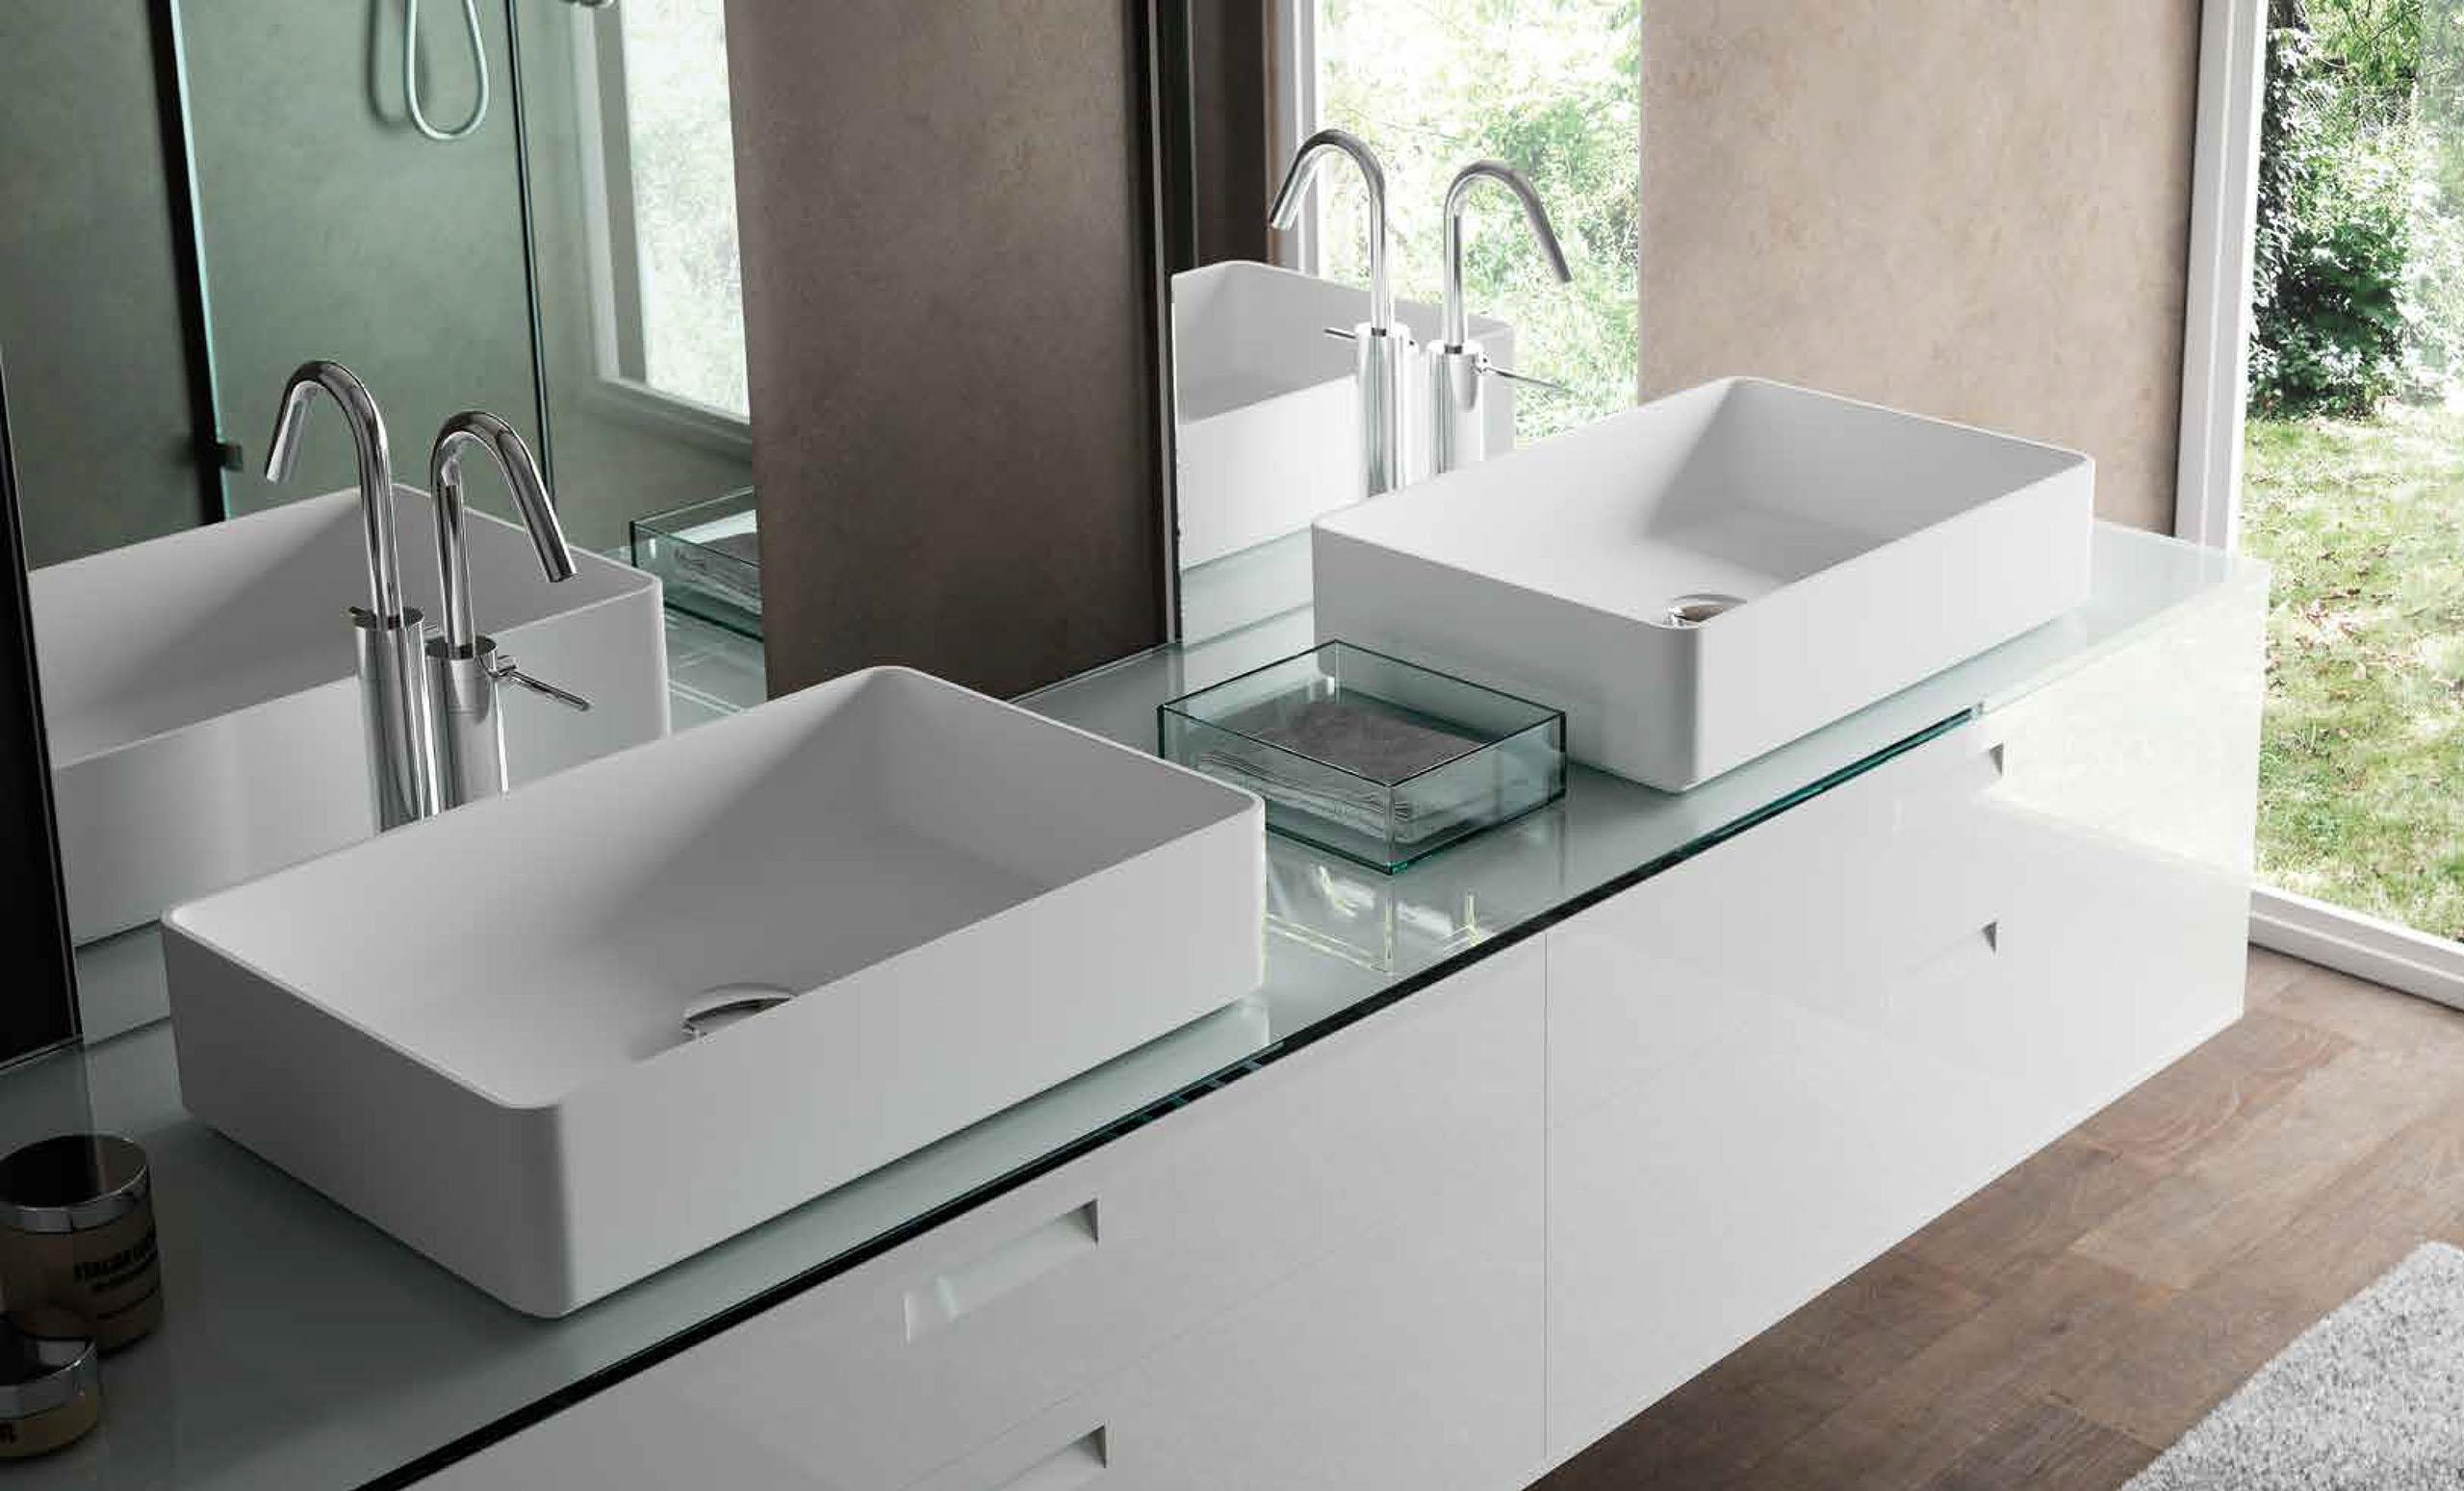 Meglio home sanitair wastafels wasbakken fonteinen badkamer meubilair